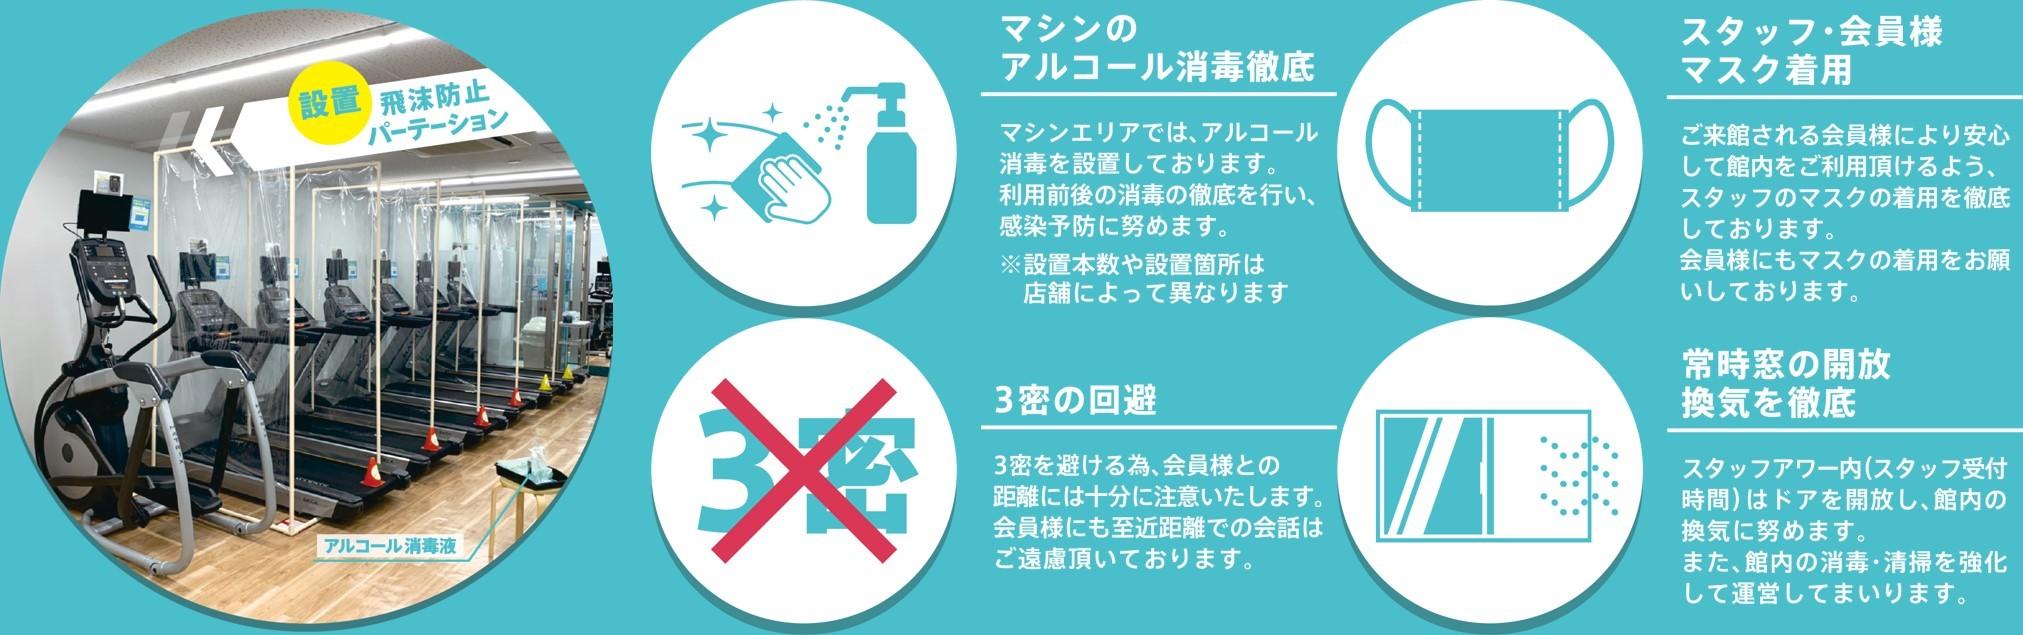 春日井 コロナ 市 者 感染 愛知 県 ワクチン接種の申し込み|春日井市公式ホームページ